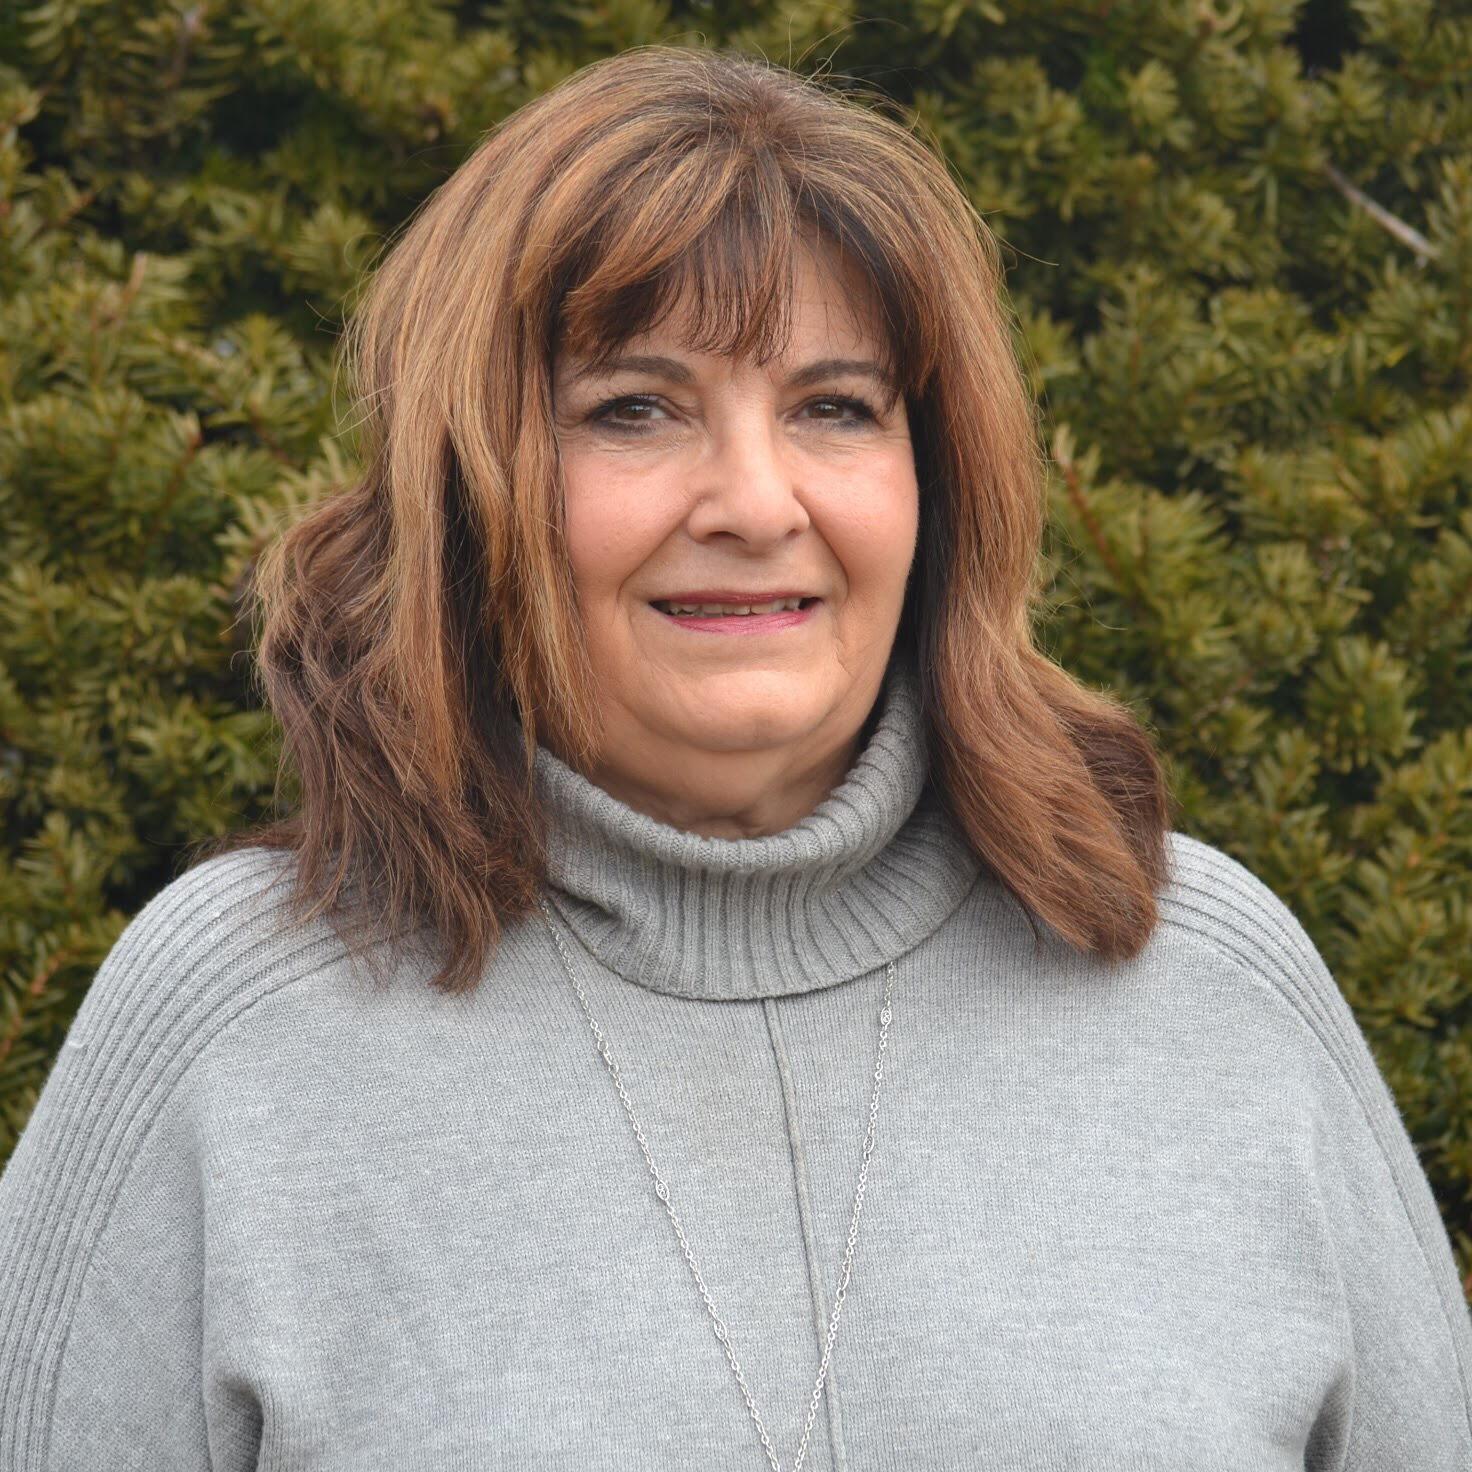 Cynthia Ladd